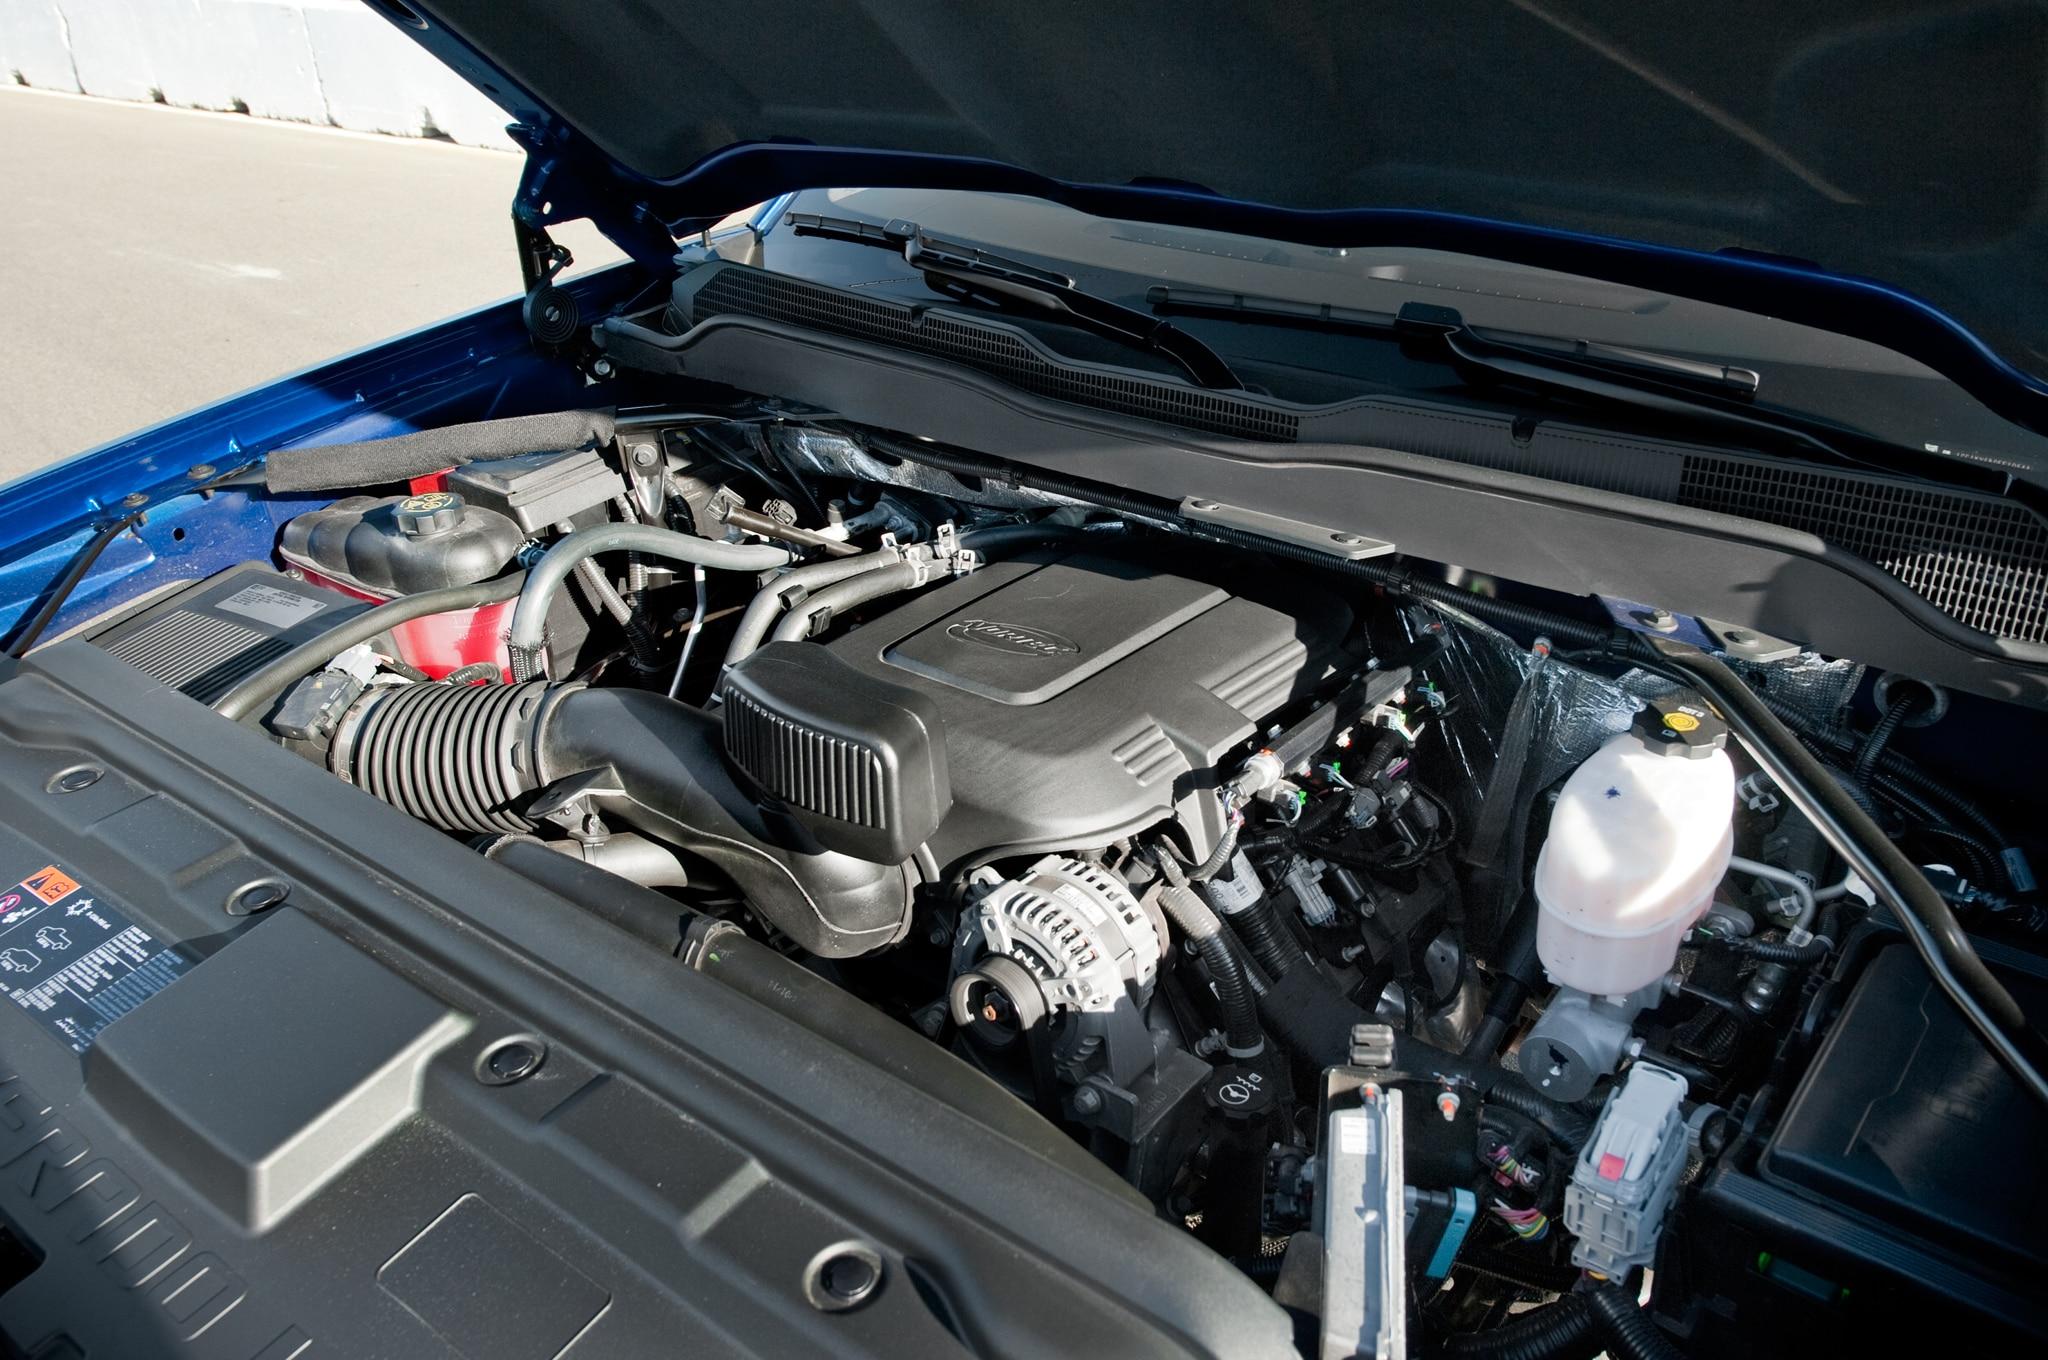 Chevrolet Silverado Hd Vortec Engine View